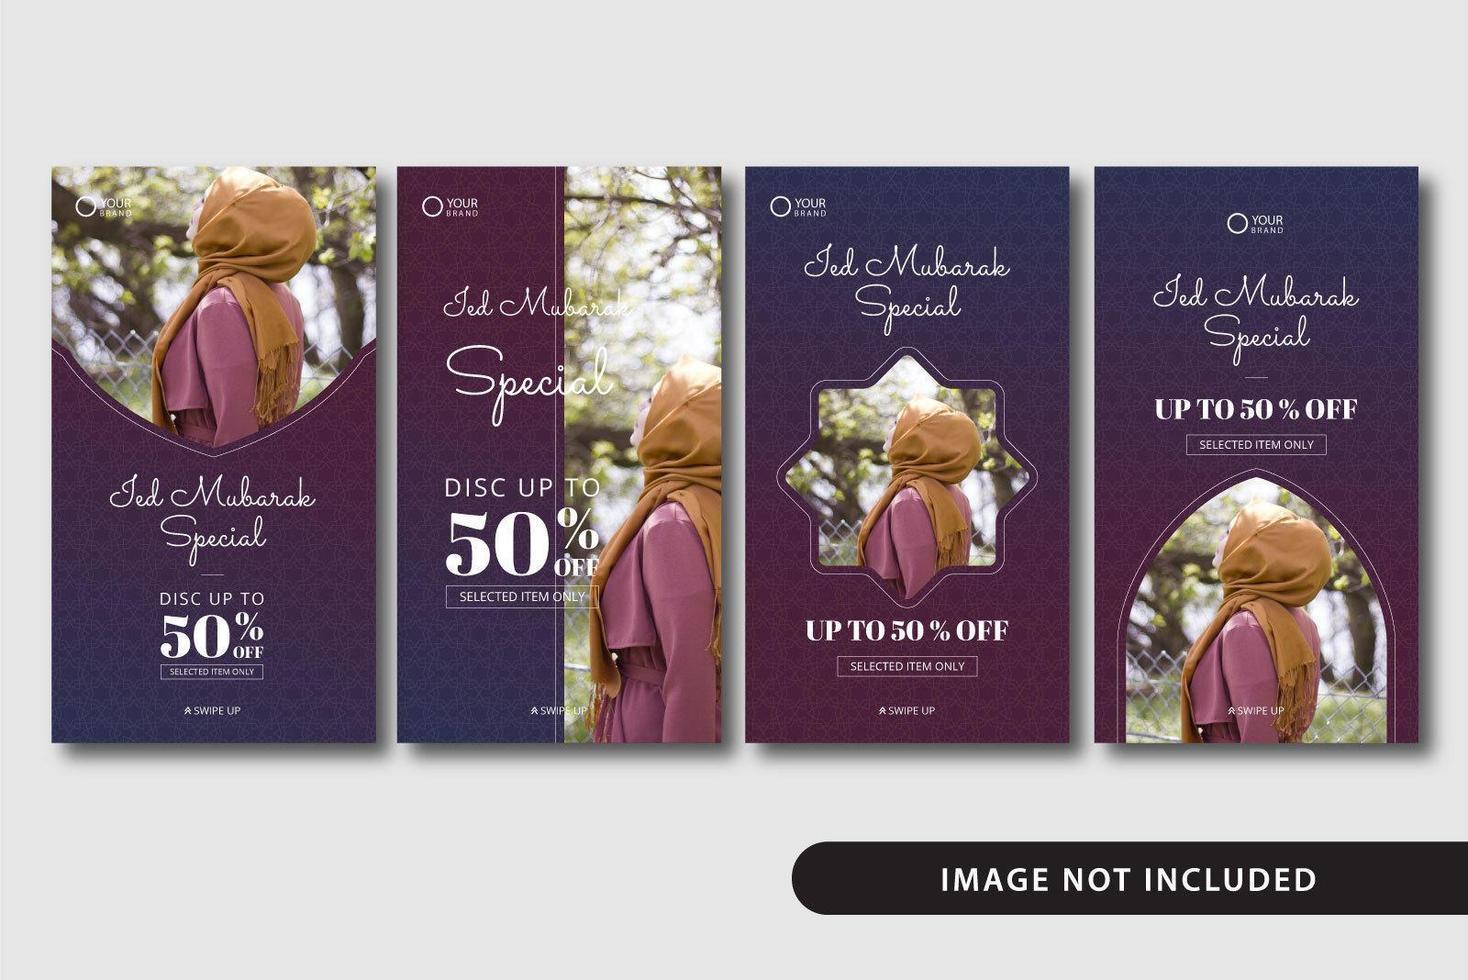 modello di storie sui social media di vendita ied mubarak vettore